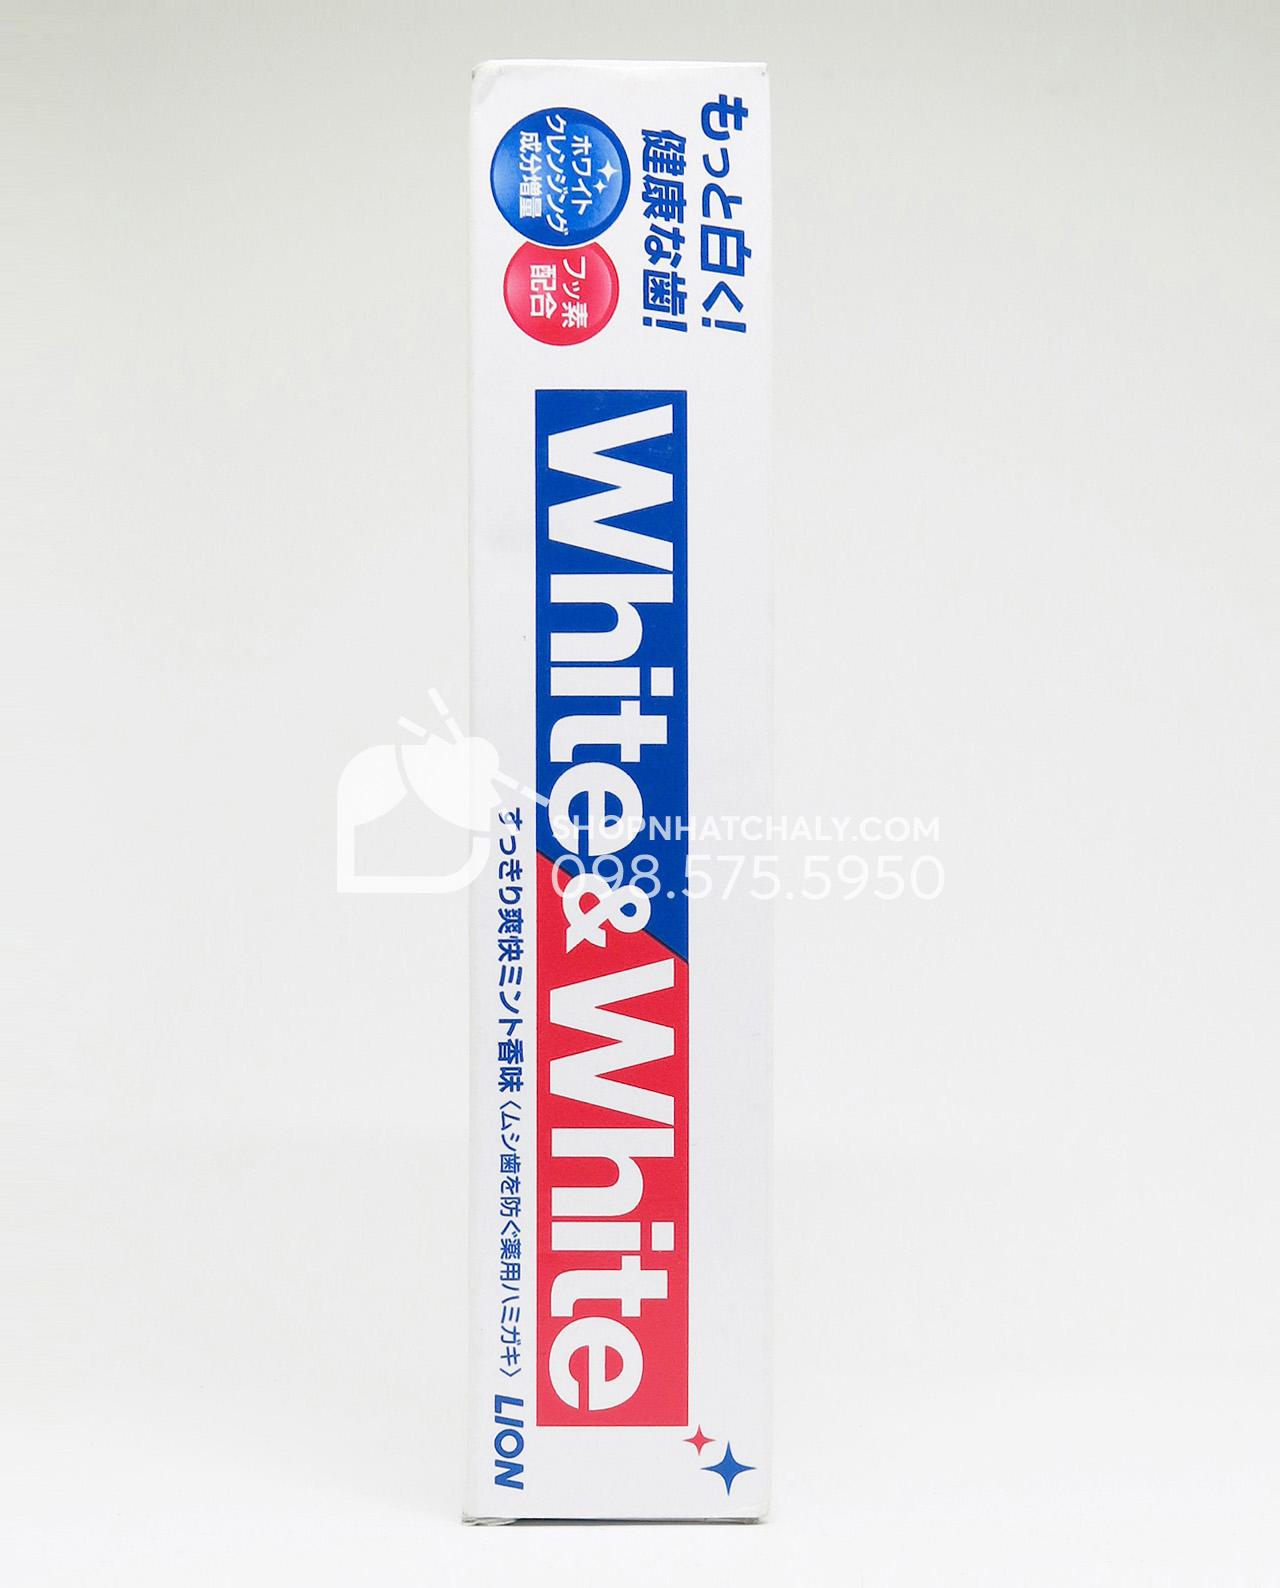 Kem đánh răng White & White của Nhật là dòng kem đánh răng tốt của hãng Lion - thương hiệu sản xuất các sản phẩm chăm sóc răng miệng hàng đầu tại Nhật Bản